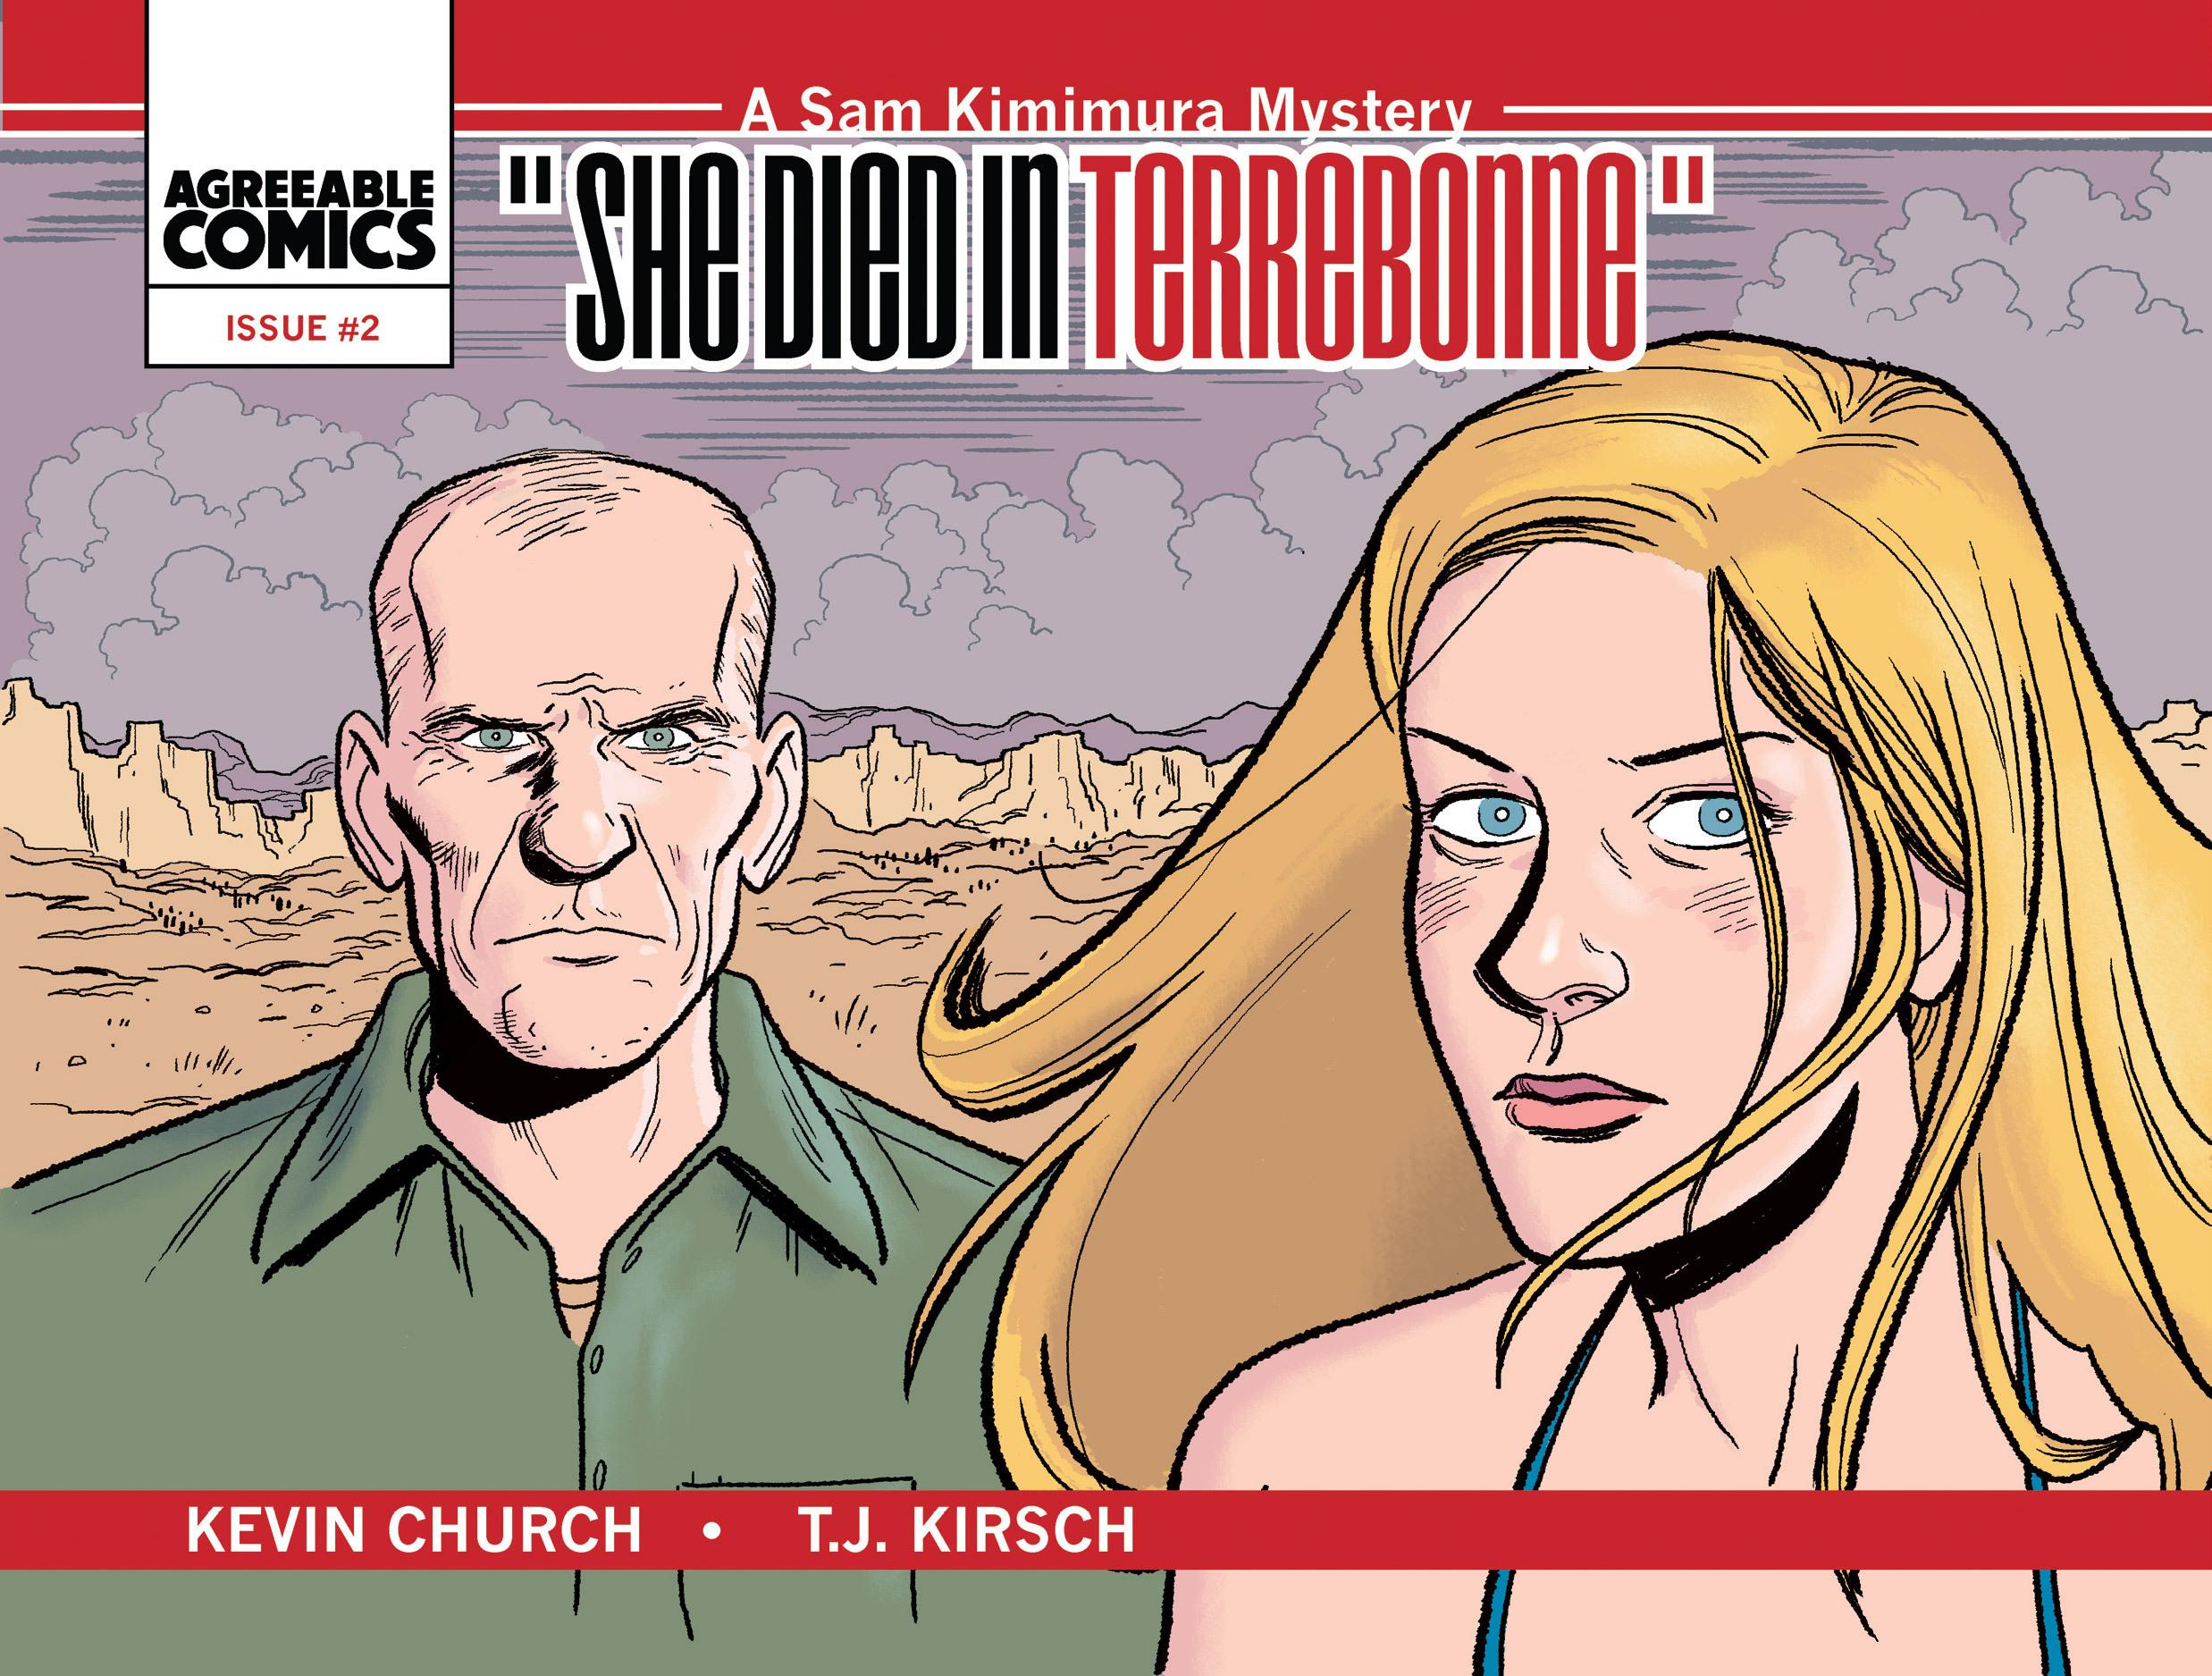 Read online She Died In Terrebonne comic -  Issue #2 - 1